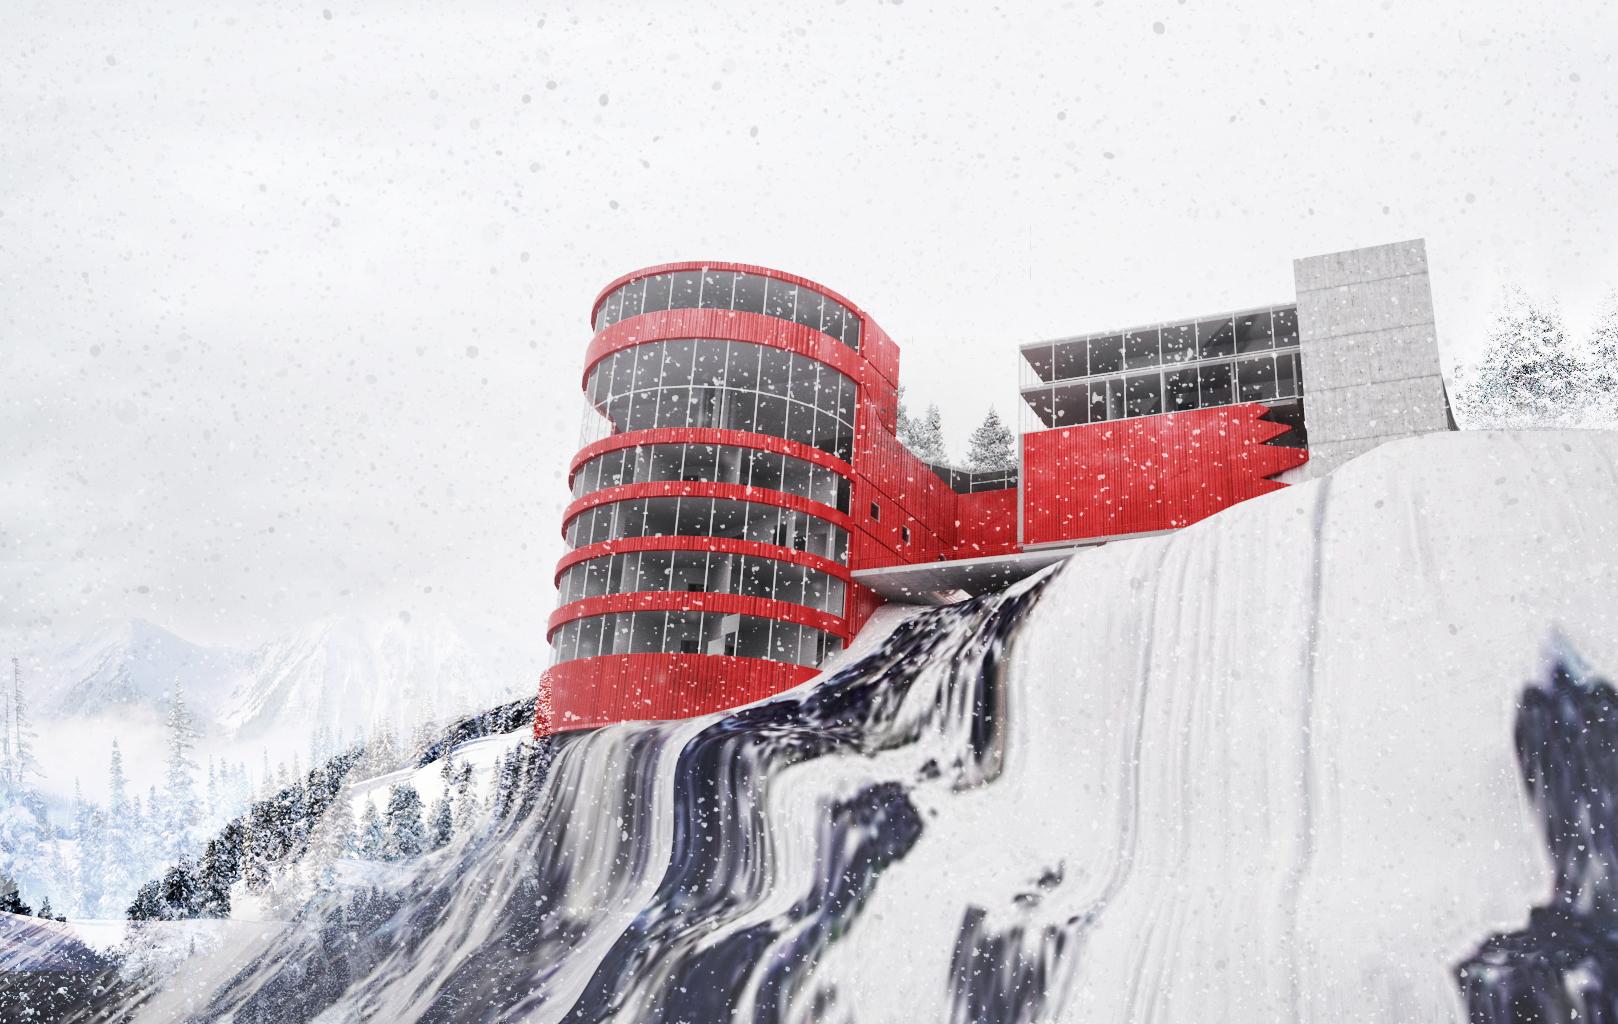 معماری طراحی استادیوم ورزشی زمستانی